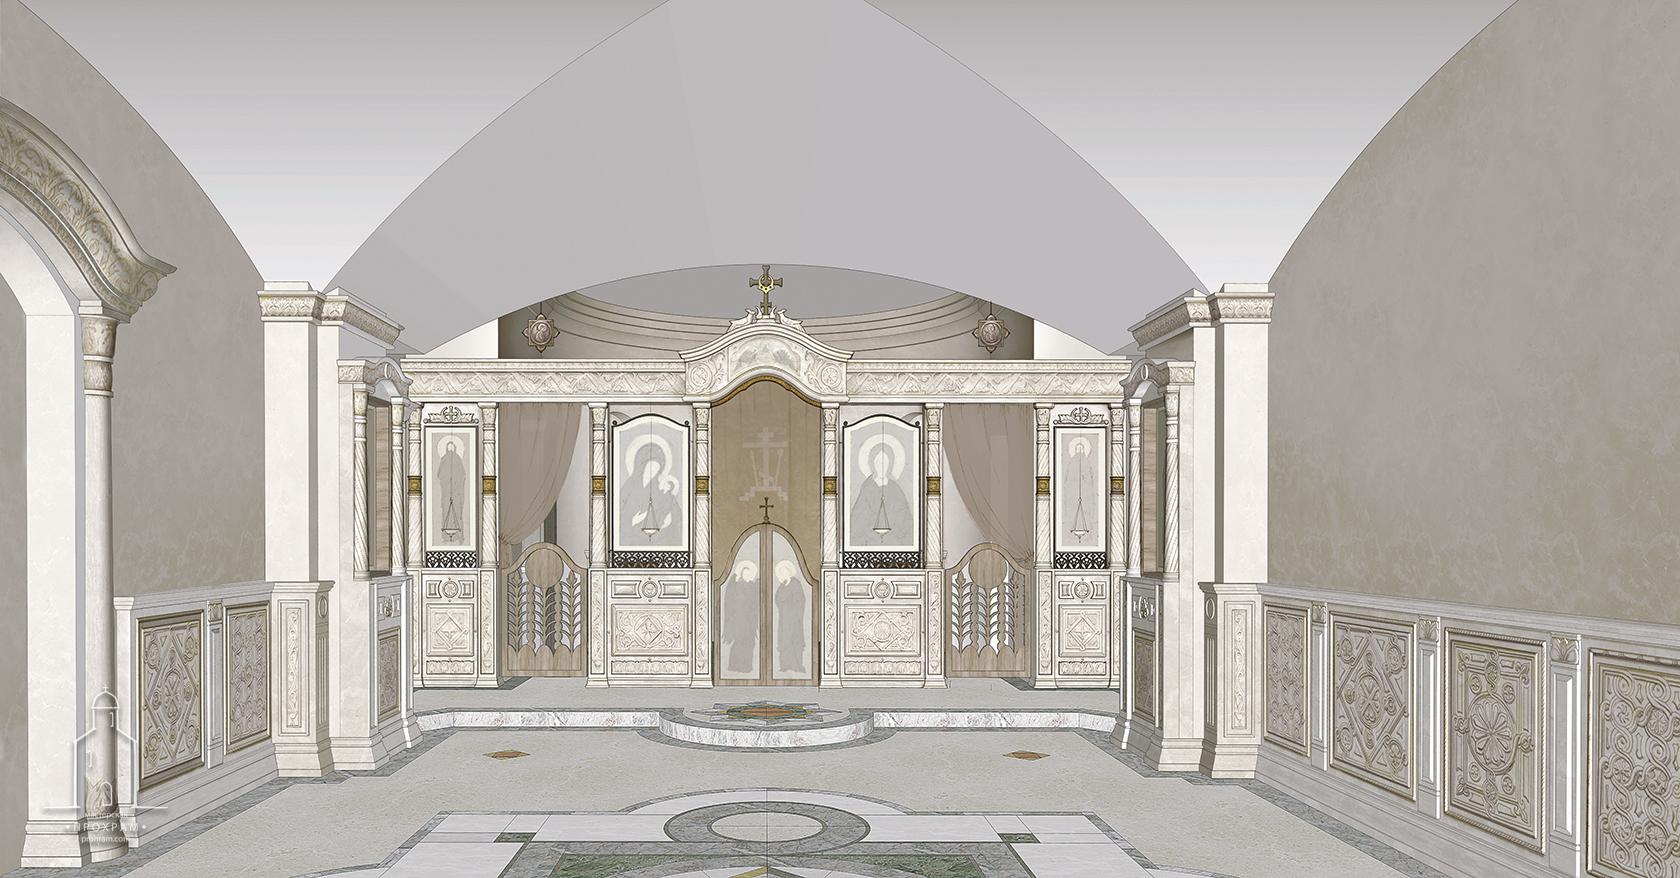 church interior design project, interior design project. iconostasis, iconostasis project, church interior, sacred  architecture